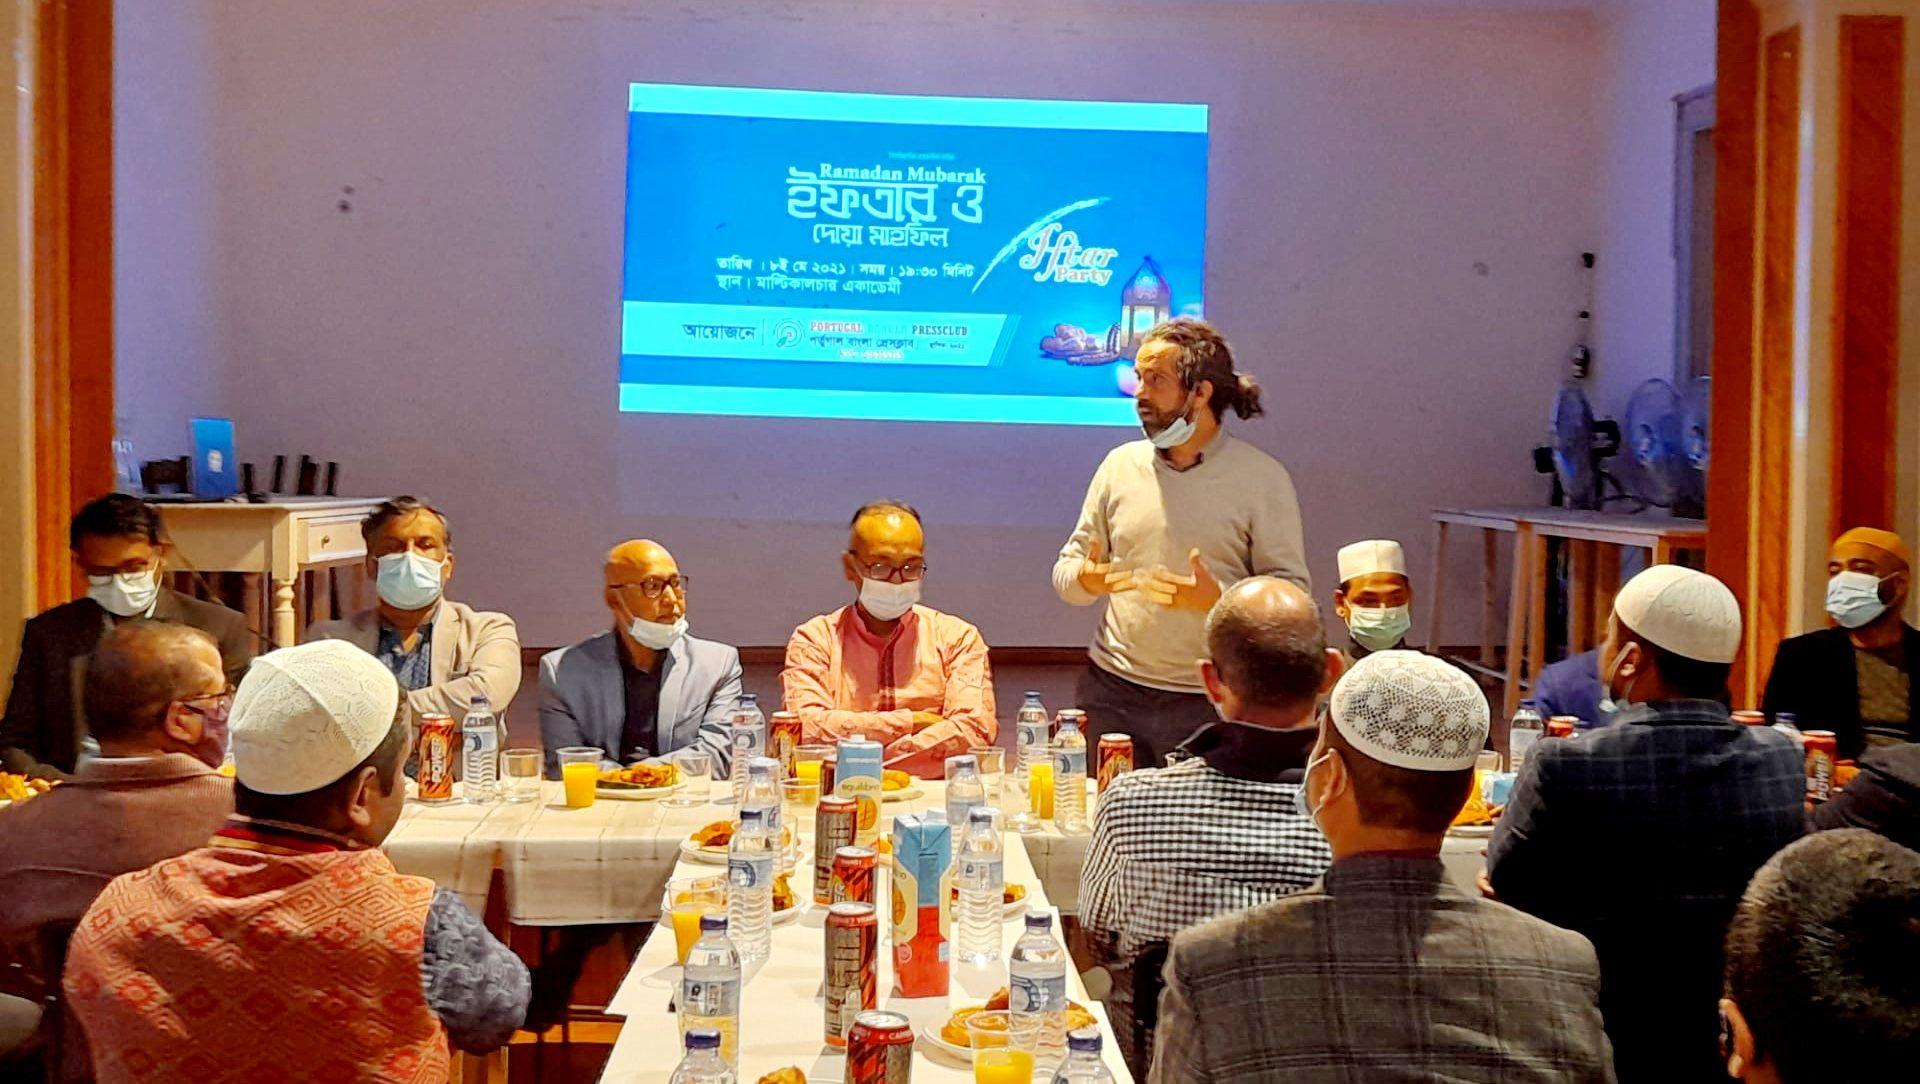 পর্তুগাল বাংলা প্রেসক্লাবের ইফতার মাহফিল অনুষ্ঠিত